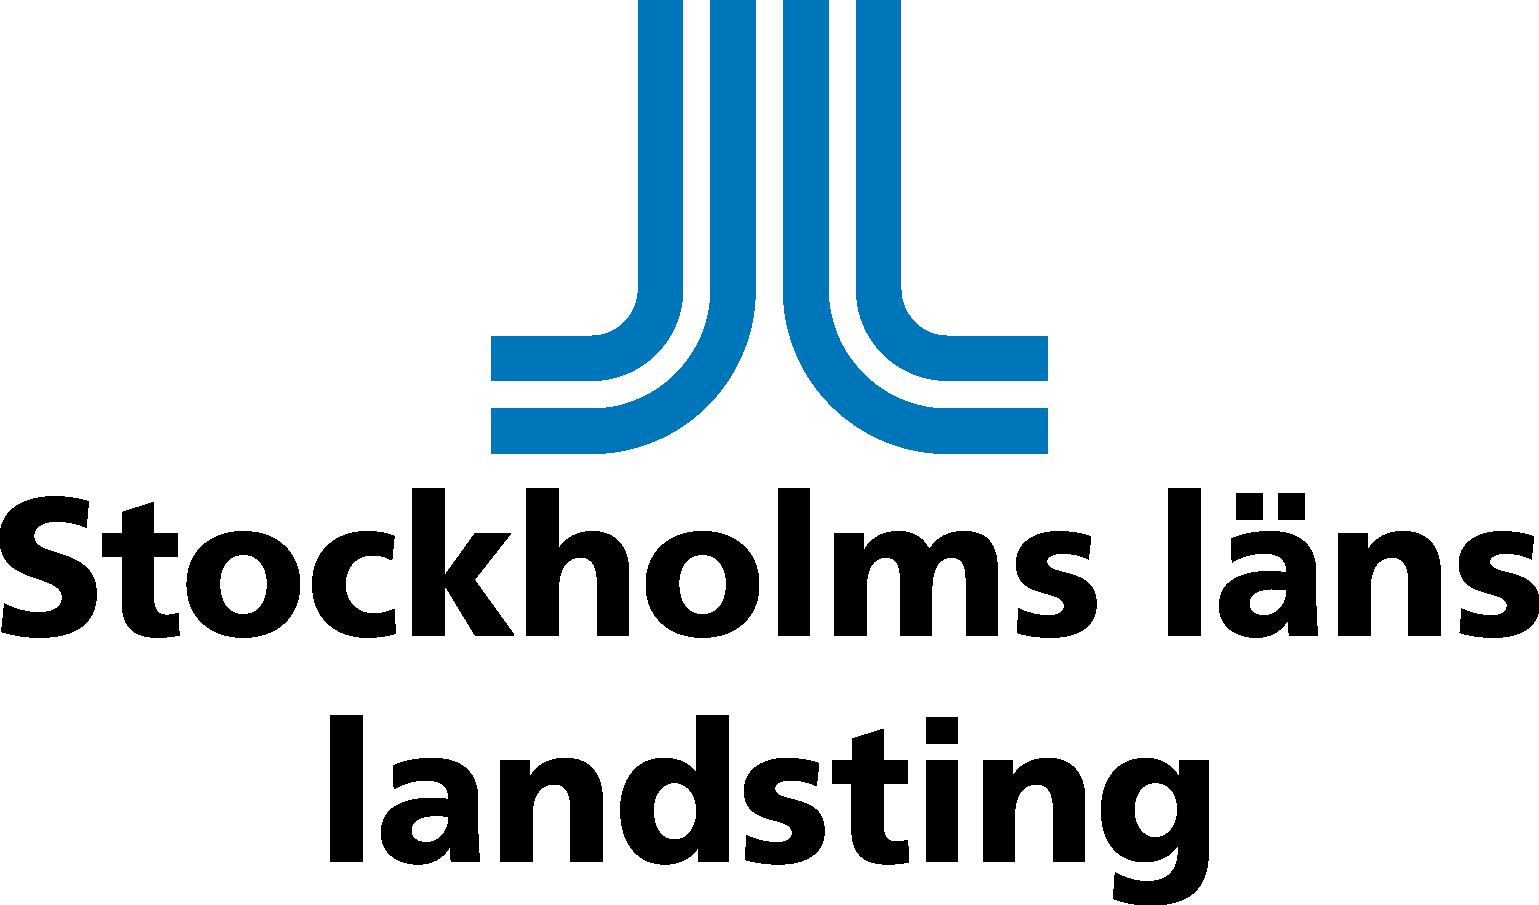 Stockholms Iäns Landsting, Sweden